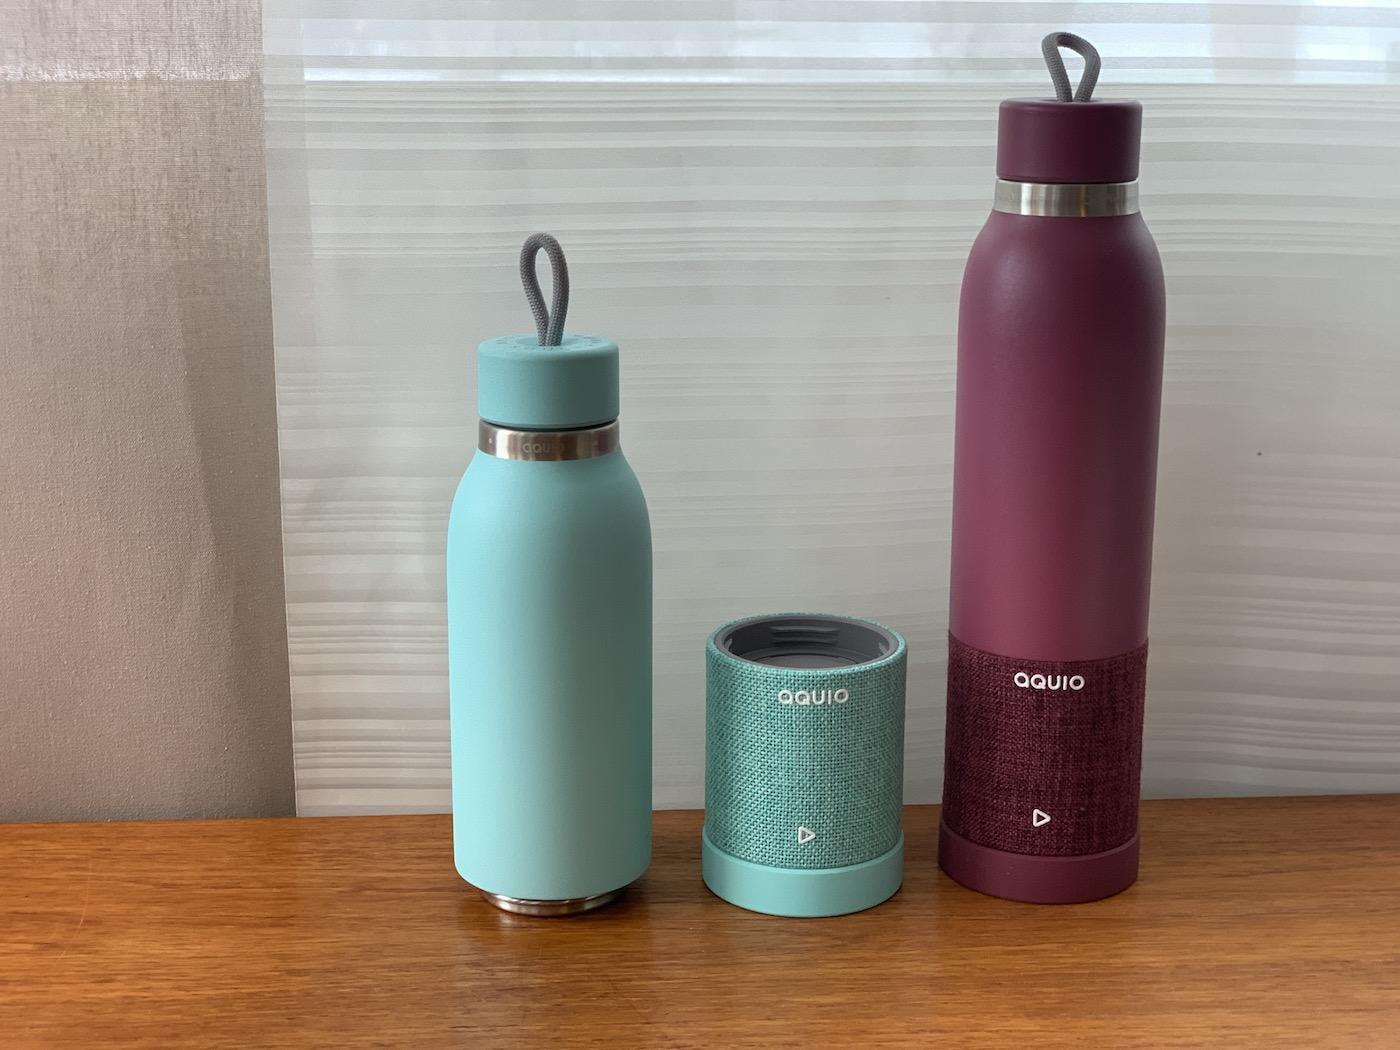 Évaluation de la bouteille et haut-parleur Aquio IBTB2 d'iHome